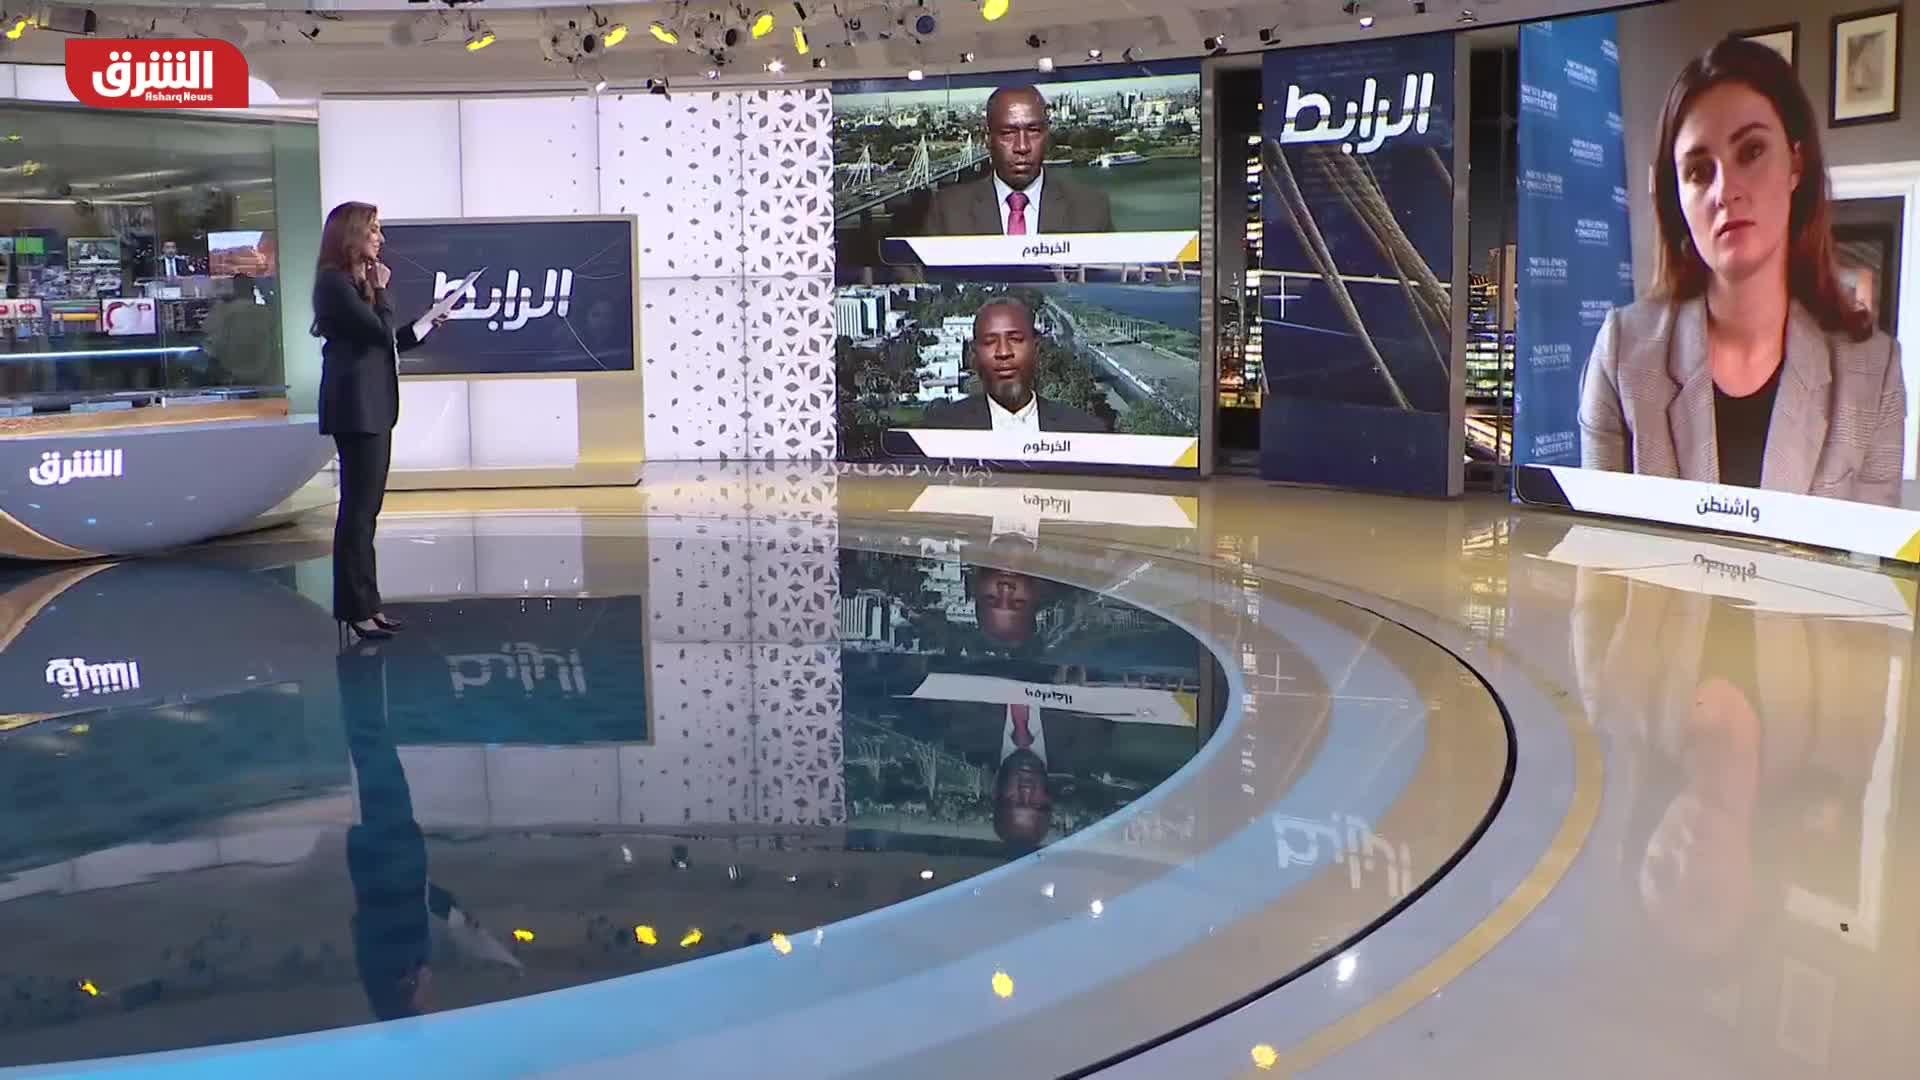 كيف تتأثر الحياة اليومية في السودان بتصريح وزير الطاقة بعدم وجود مخزون كافي من النفط؟